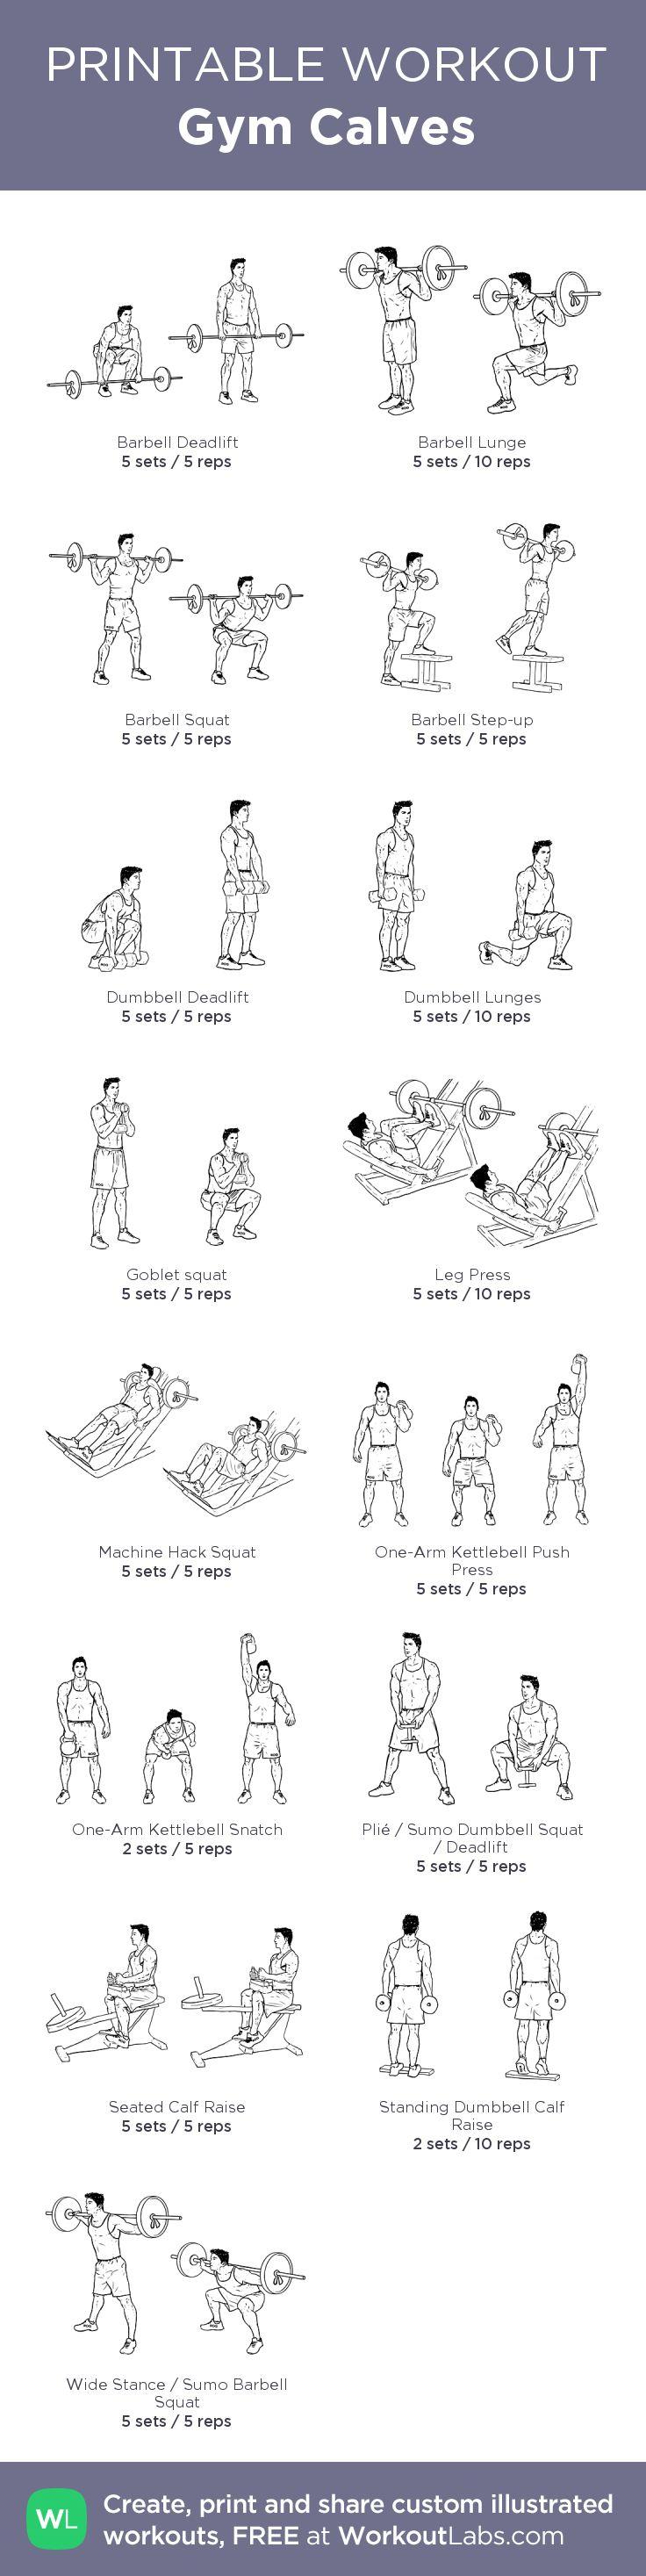 Gym Calves